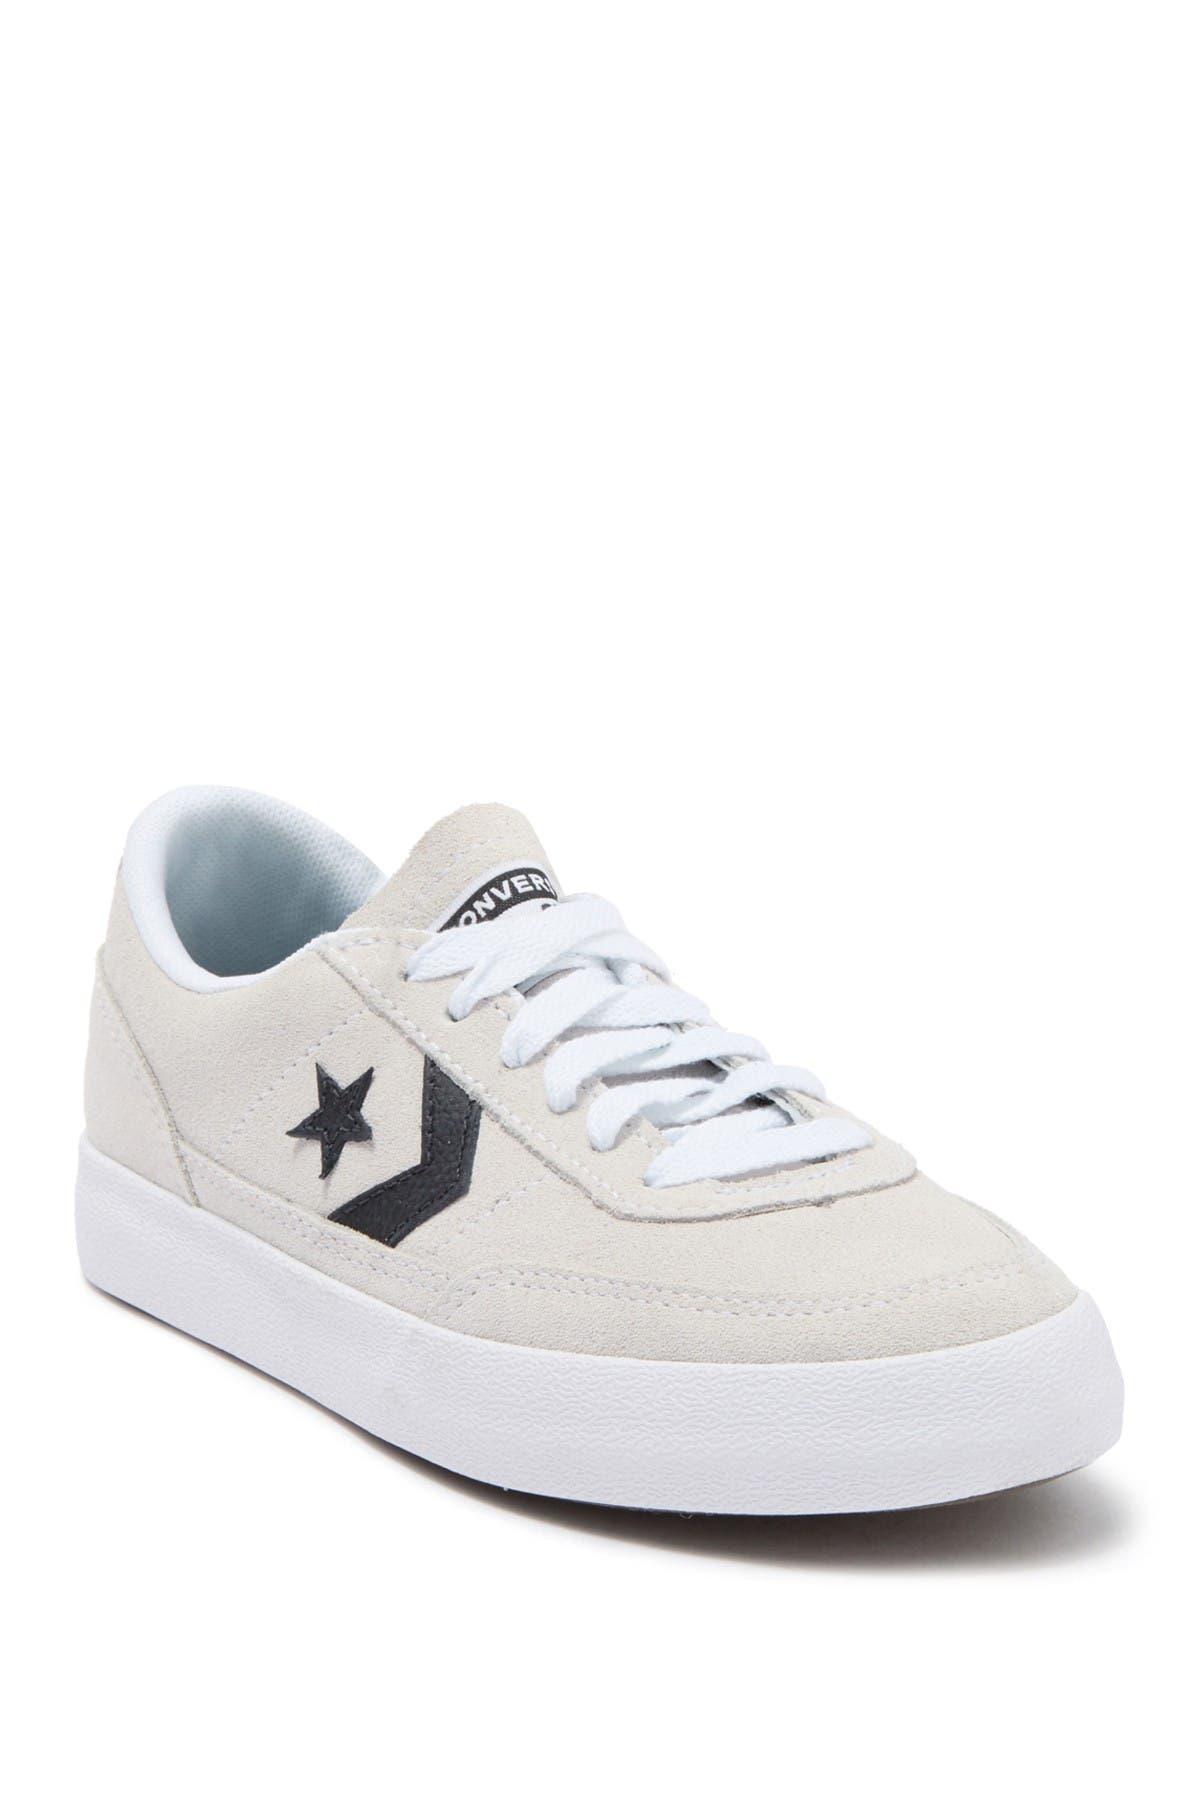 net star converse